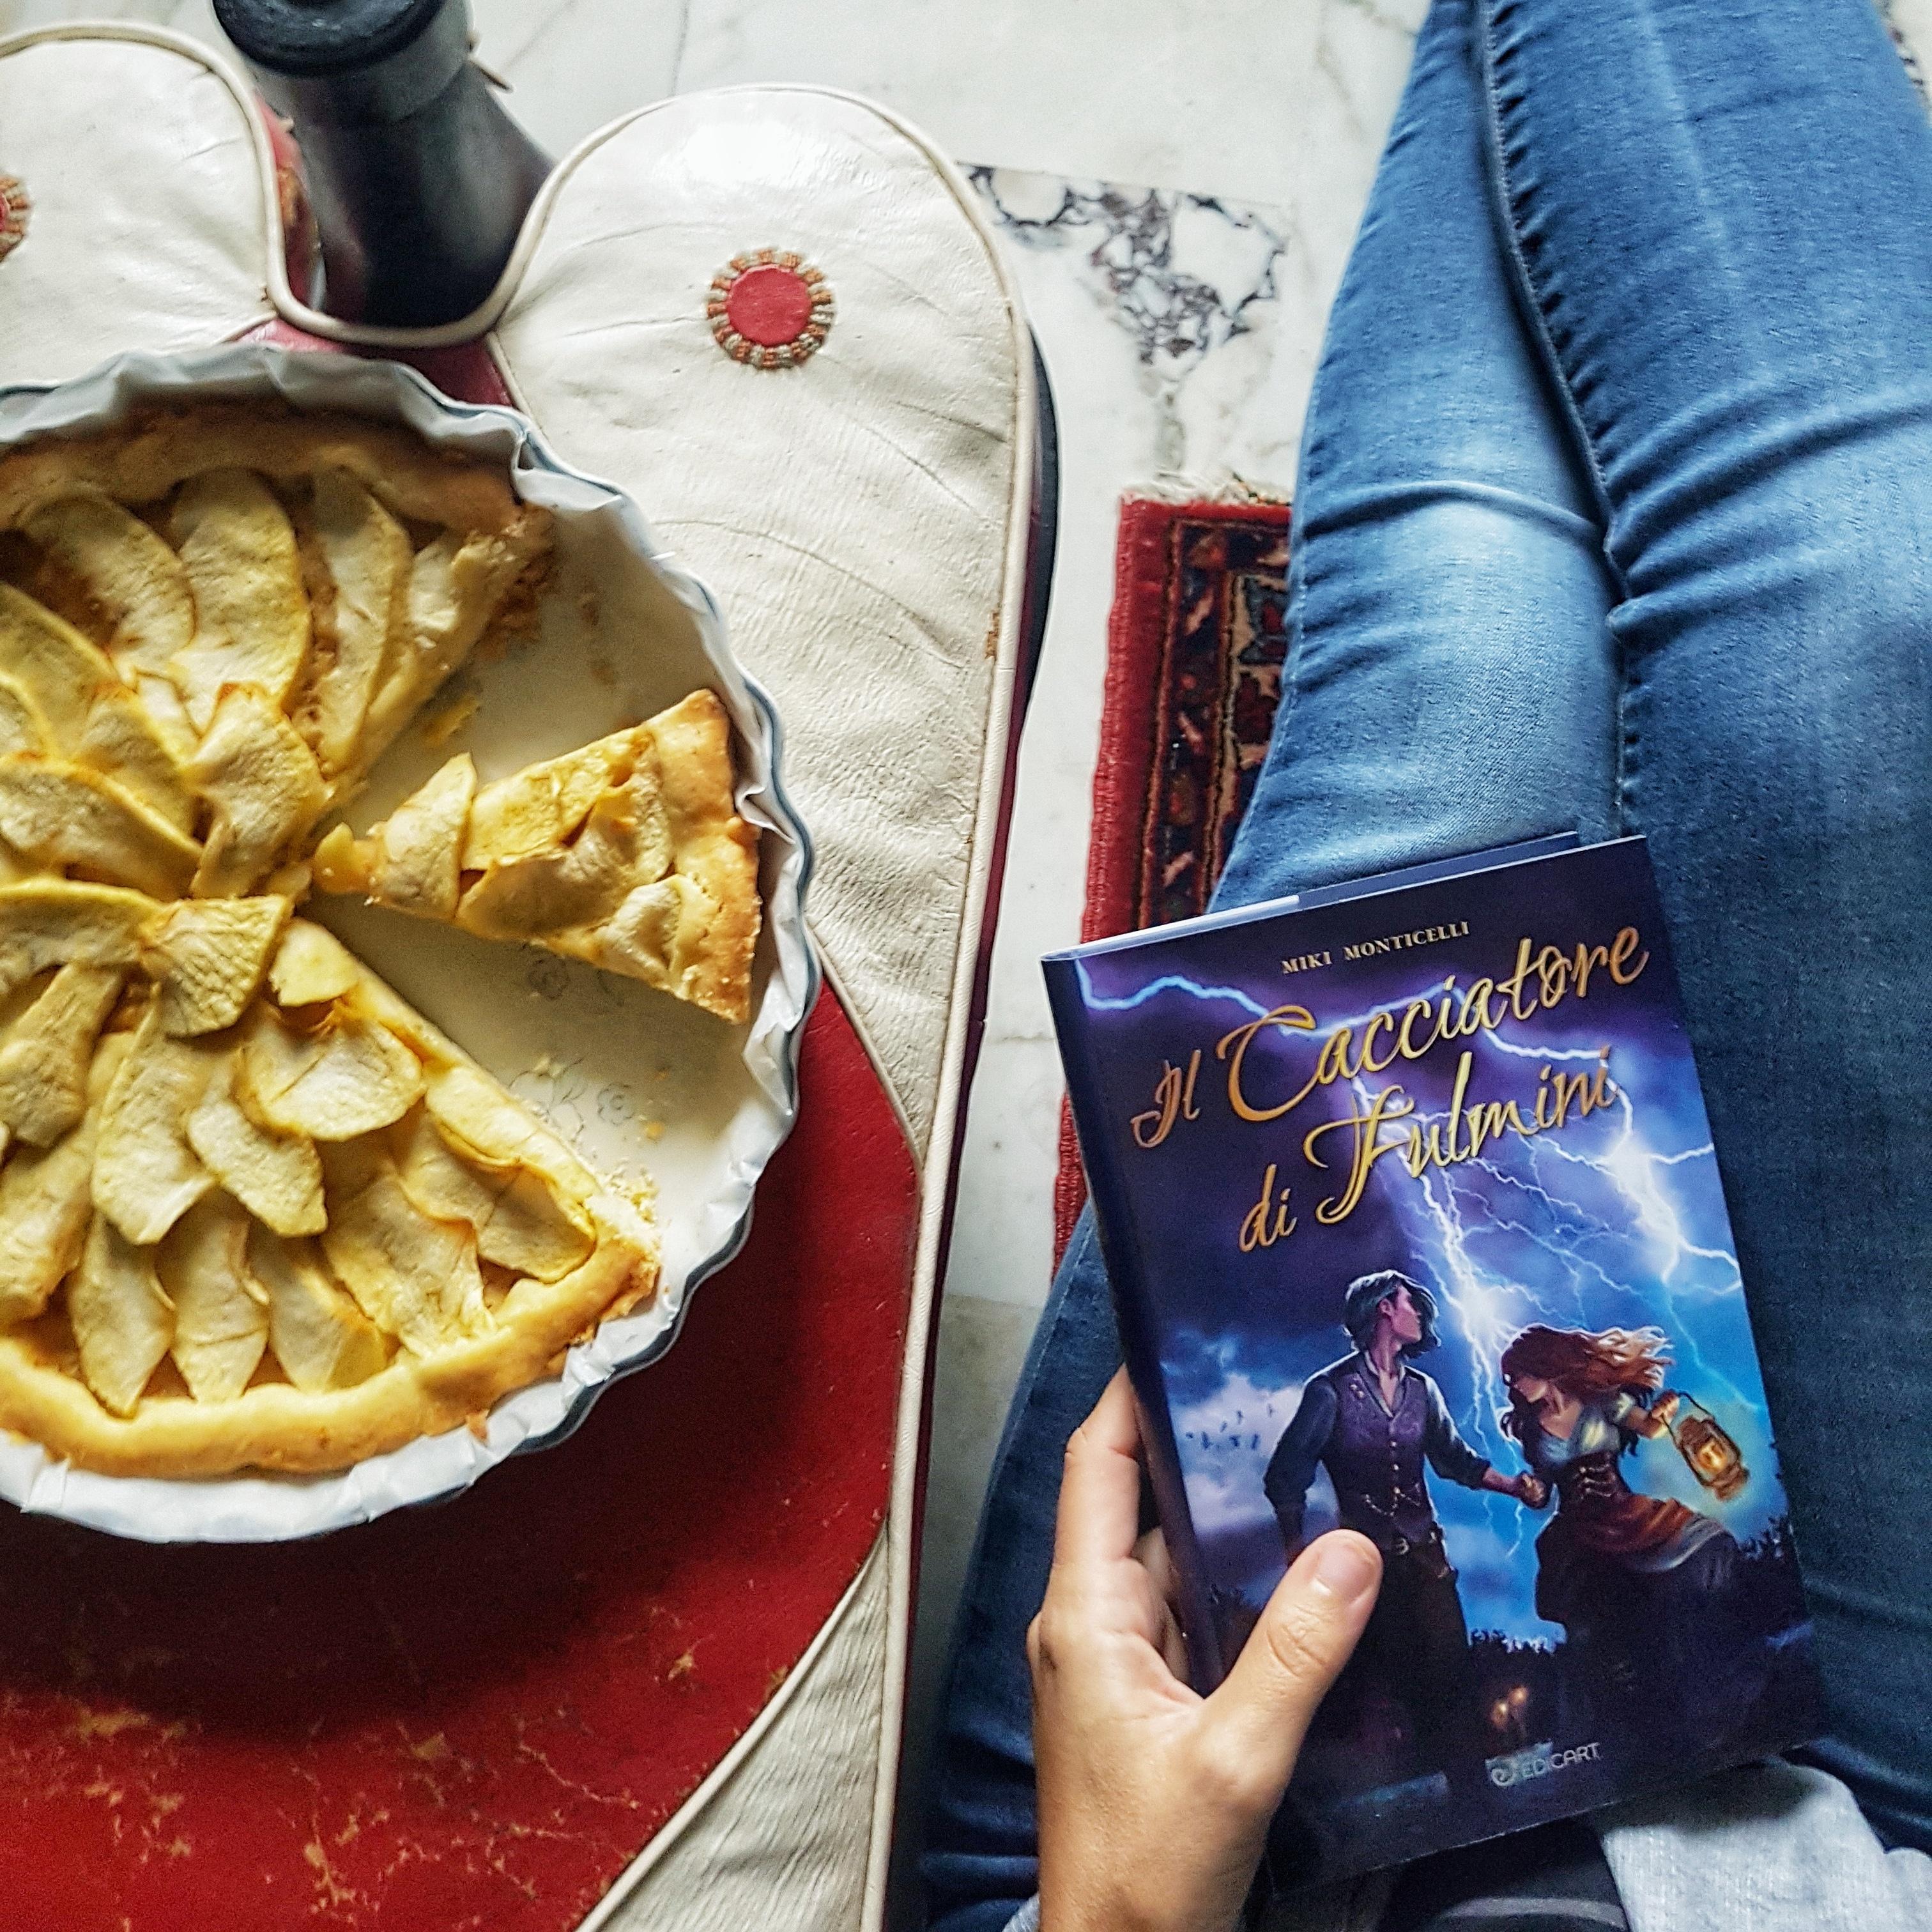 Il cacciatore di fulmini è il nuovo libro di Miki Monticelli con protagonista la fattucchiera Cassandra